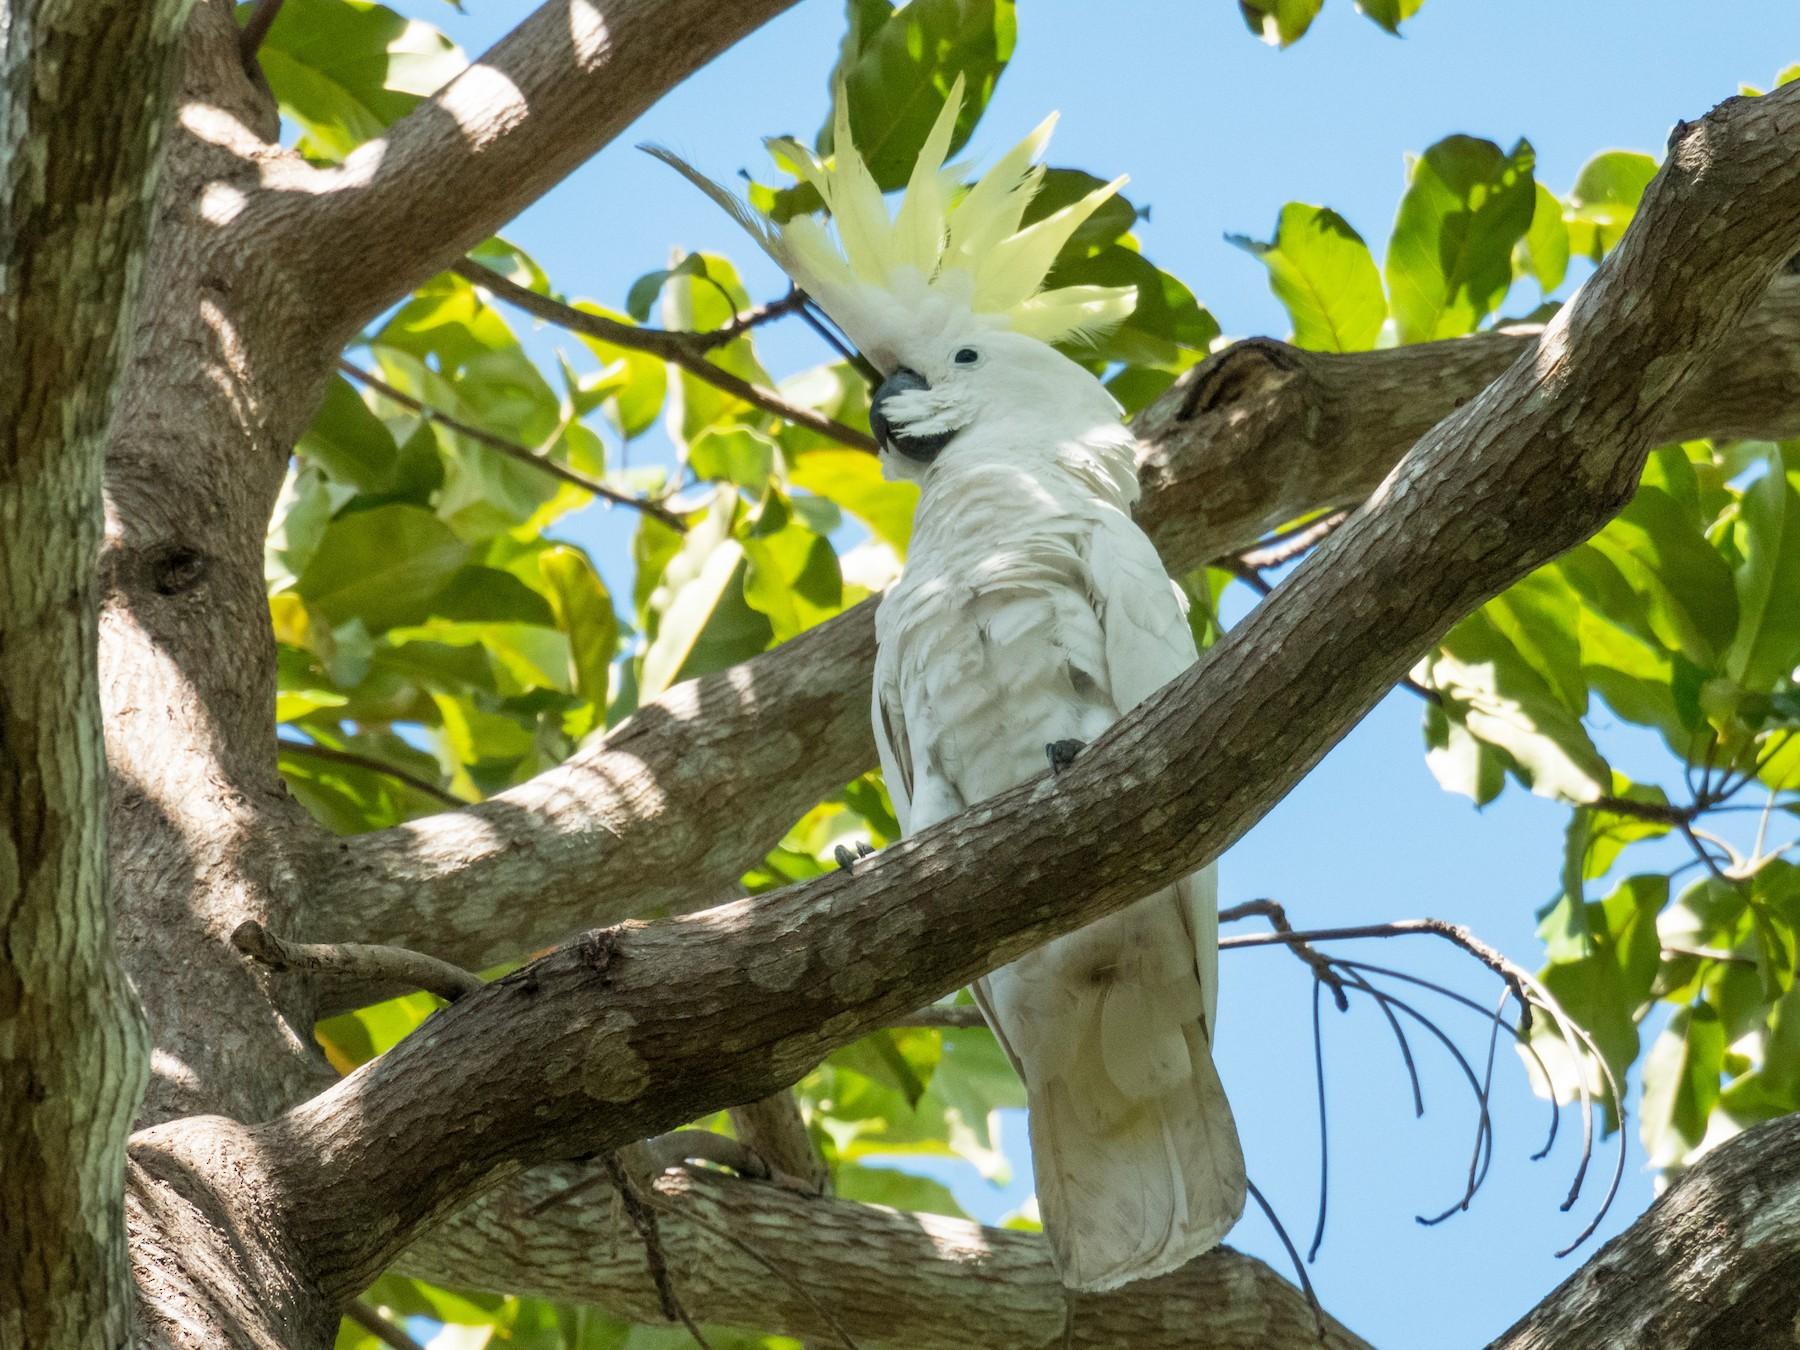 Sulphur-crested Cockatoo - Raphaël Nussbaumer